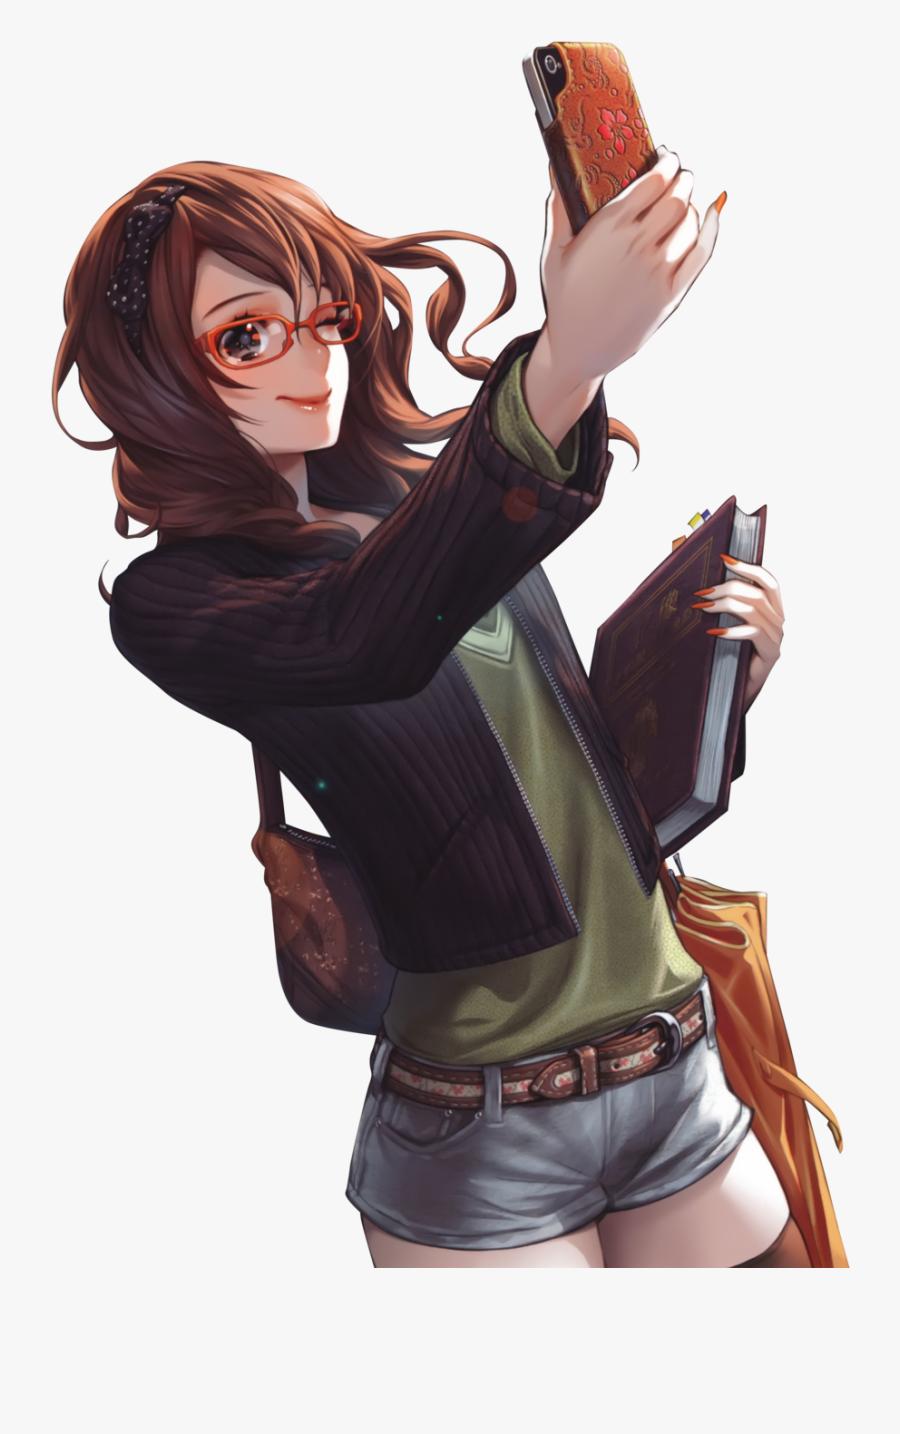 Brunette Manga Girl With Glasses Anime Girl Brown Hair Free